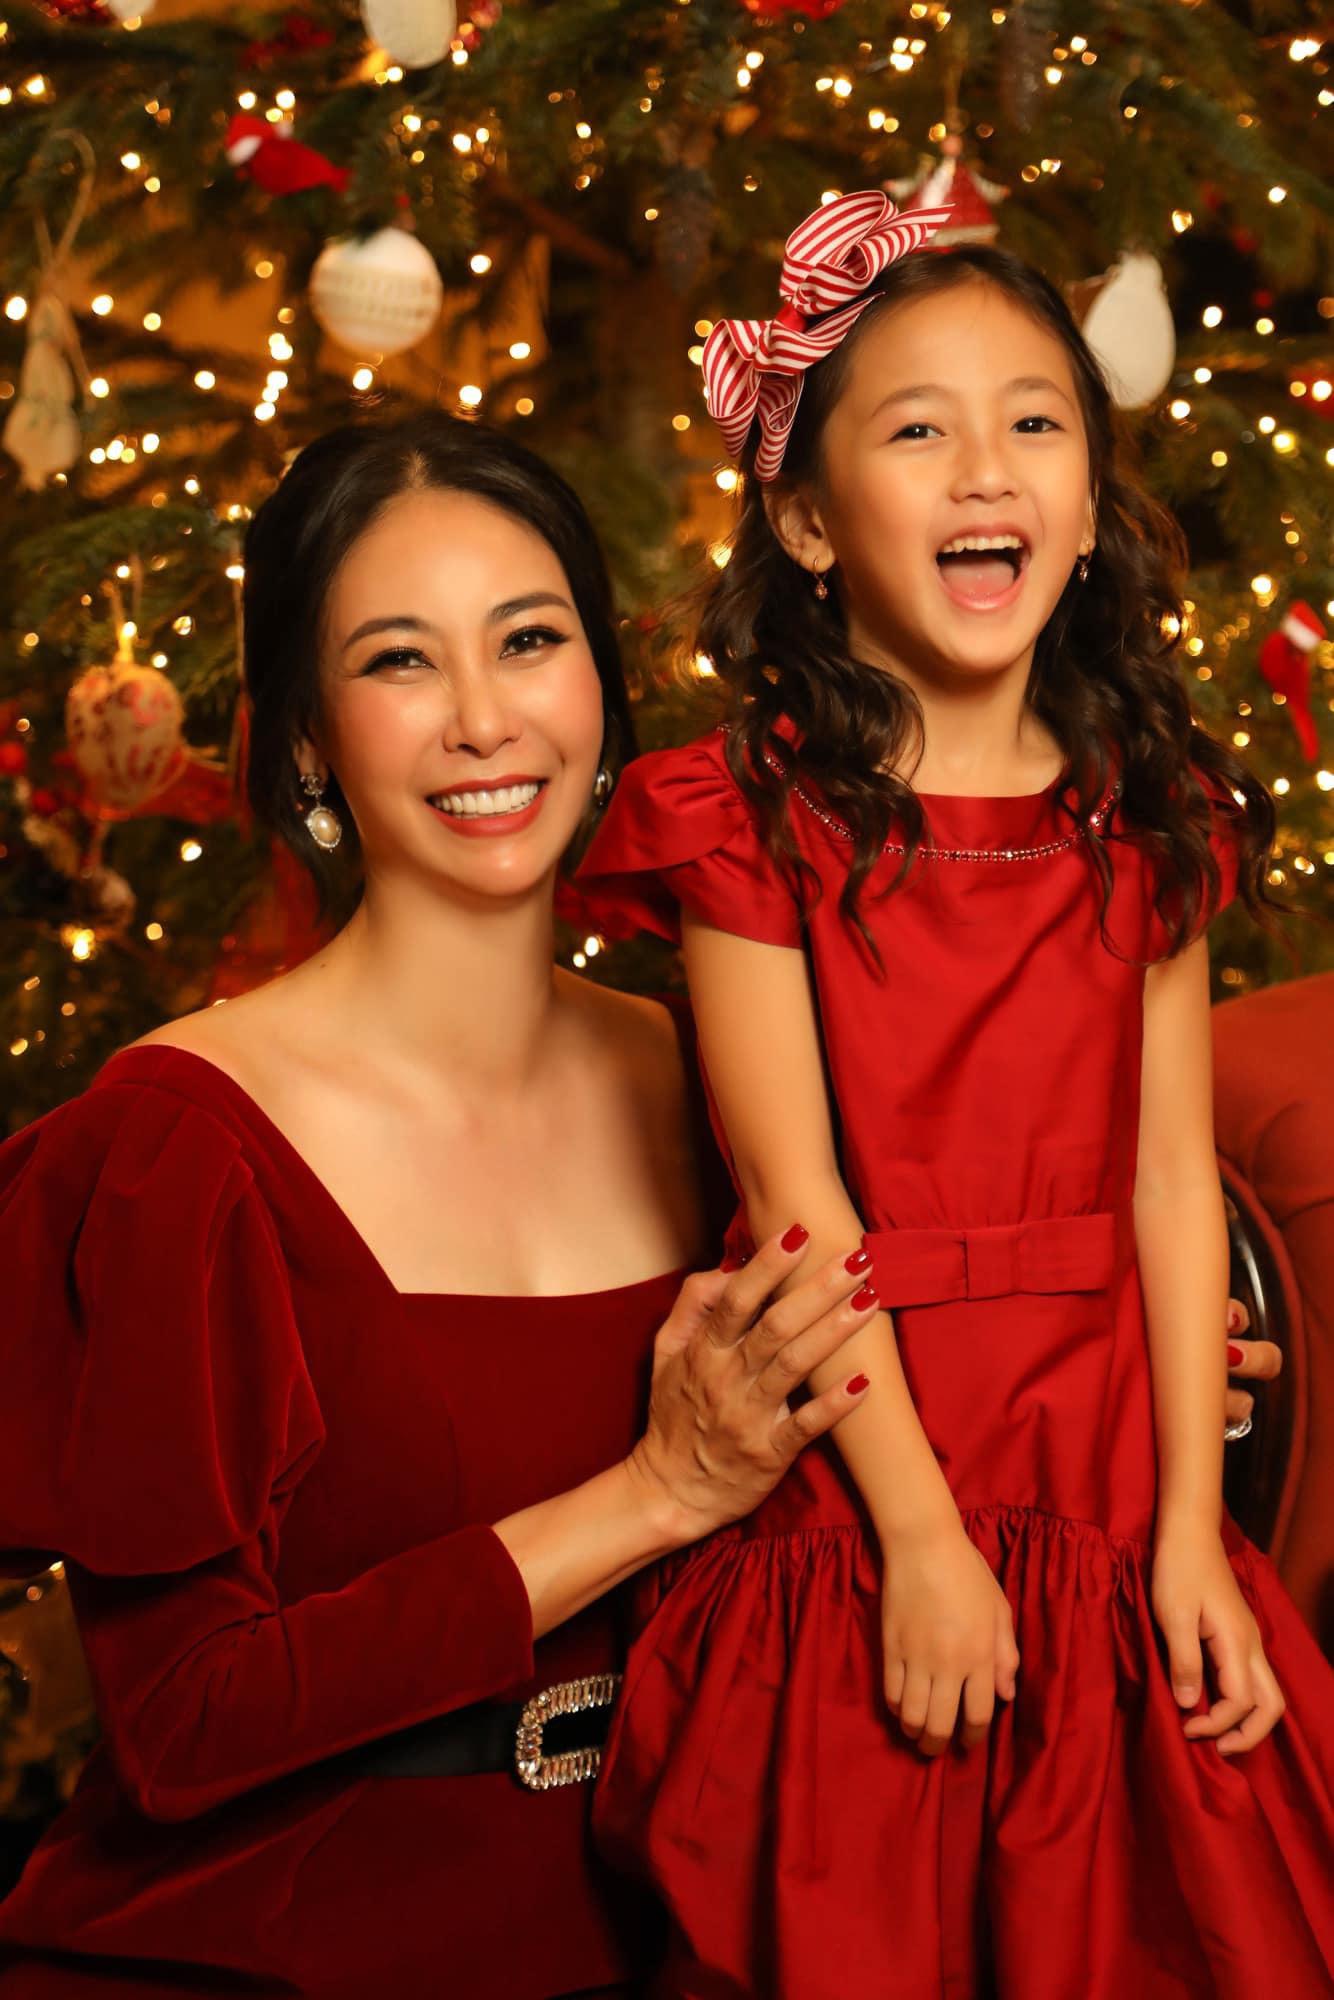 """Con gái của Hà Kiều Anh xinh chuẩn """"đại mỹ nhân tương lai"""" khiến Mai Phương Thúy ngưỡng mộ - Ảnh 6."""